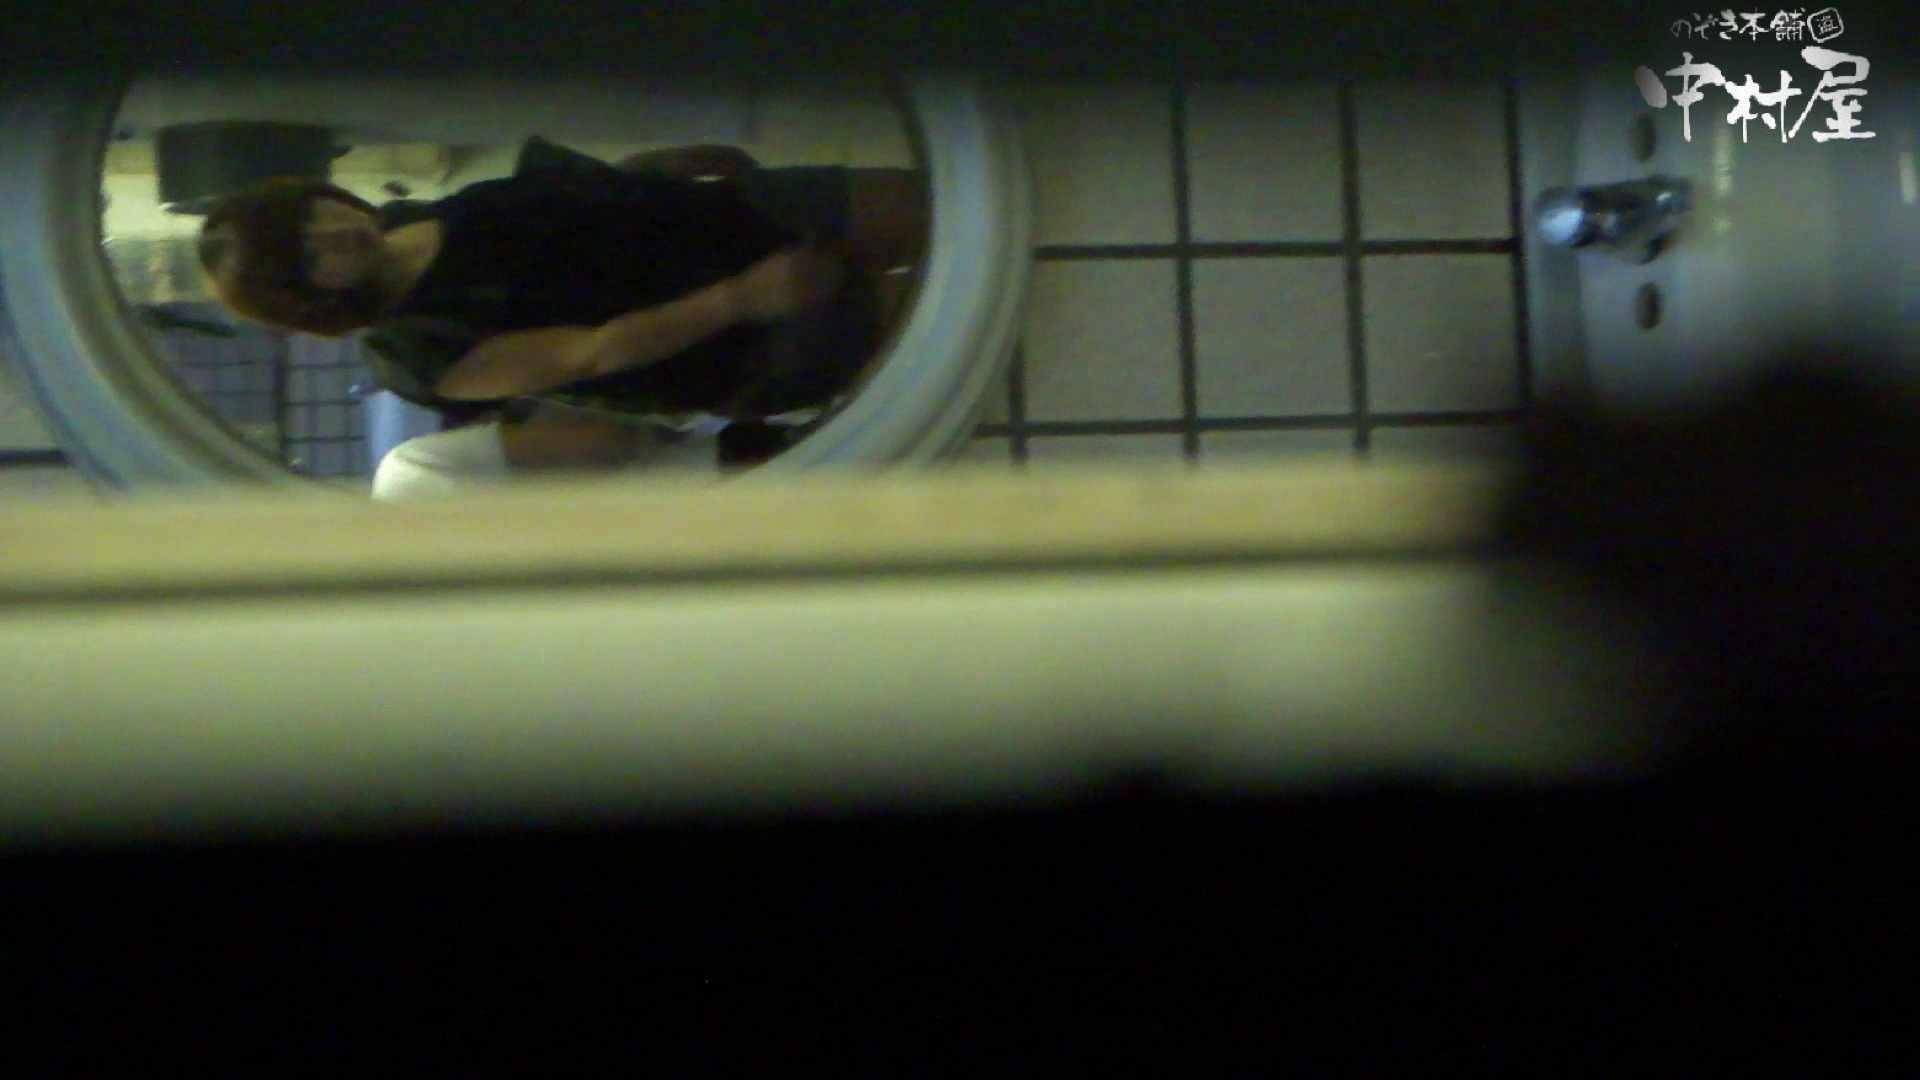 【美人が集まるファッションショッピングセンター洗面所盗SATU】ギャルのツルピカ潜入盗satu!Vol.10 OLセックス 覗き性交動画流出 103画像 62